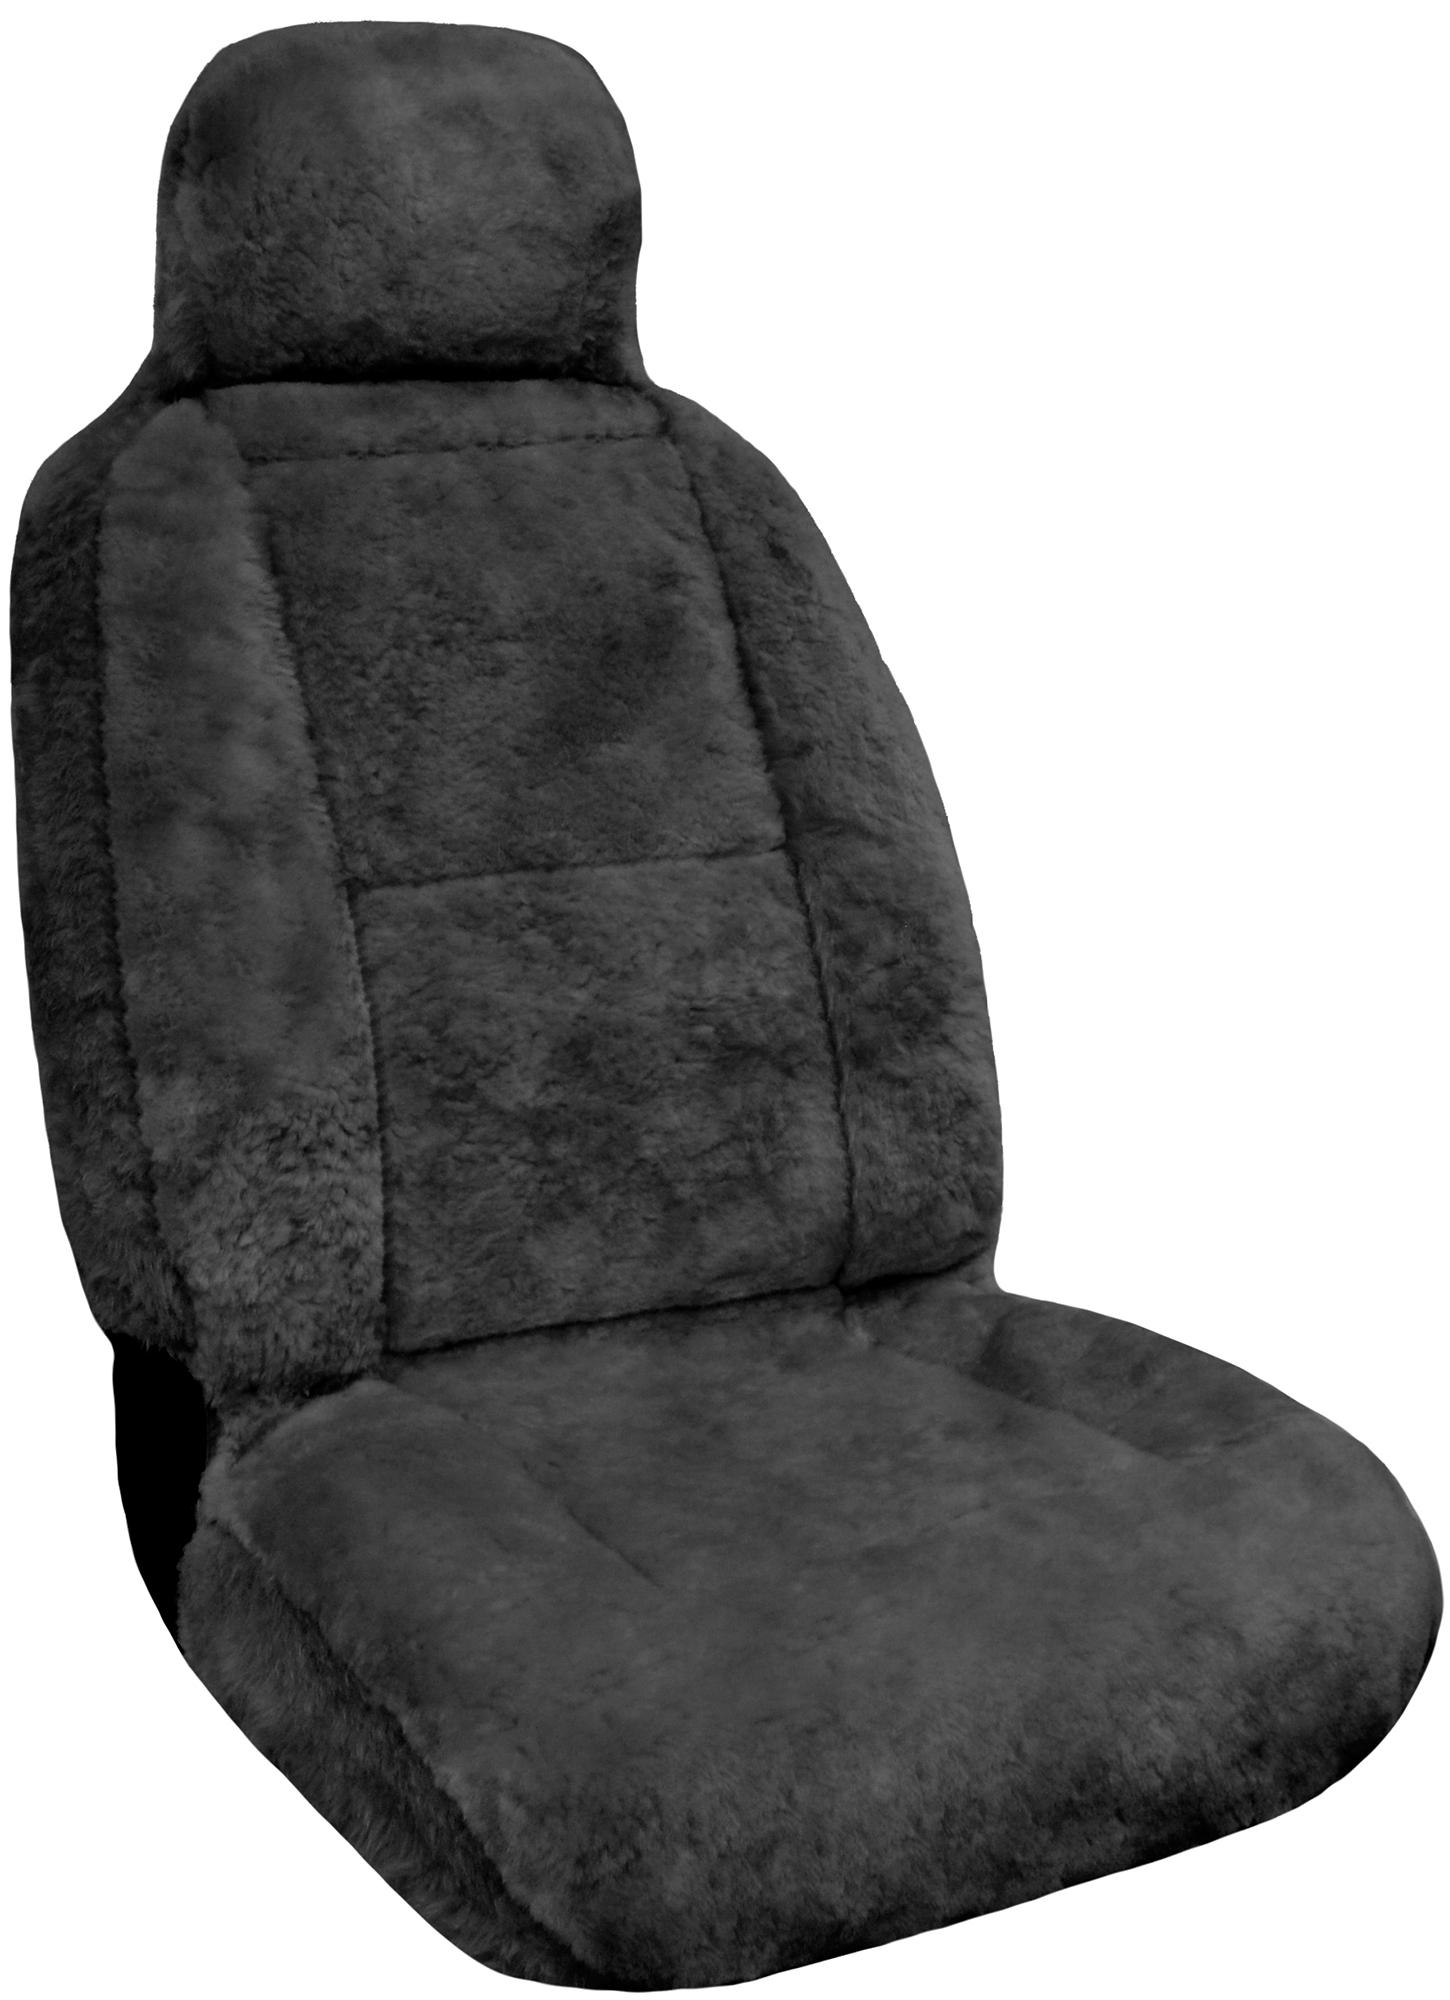 chair covers yeovil folding target sheepskin parsons uk zero gravity indoor backs for bleachers eurow seat cover new xl design premium pelt